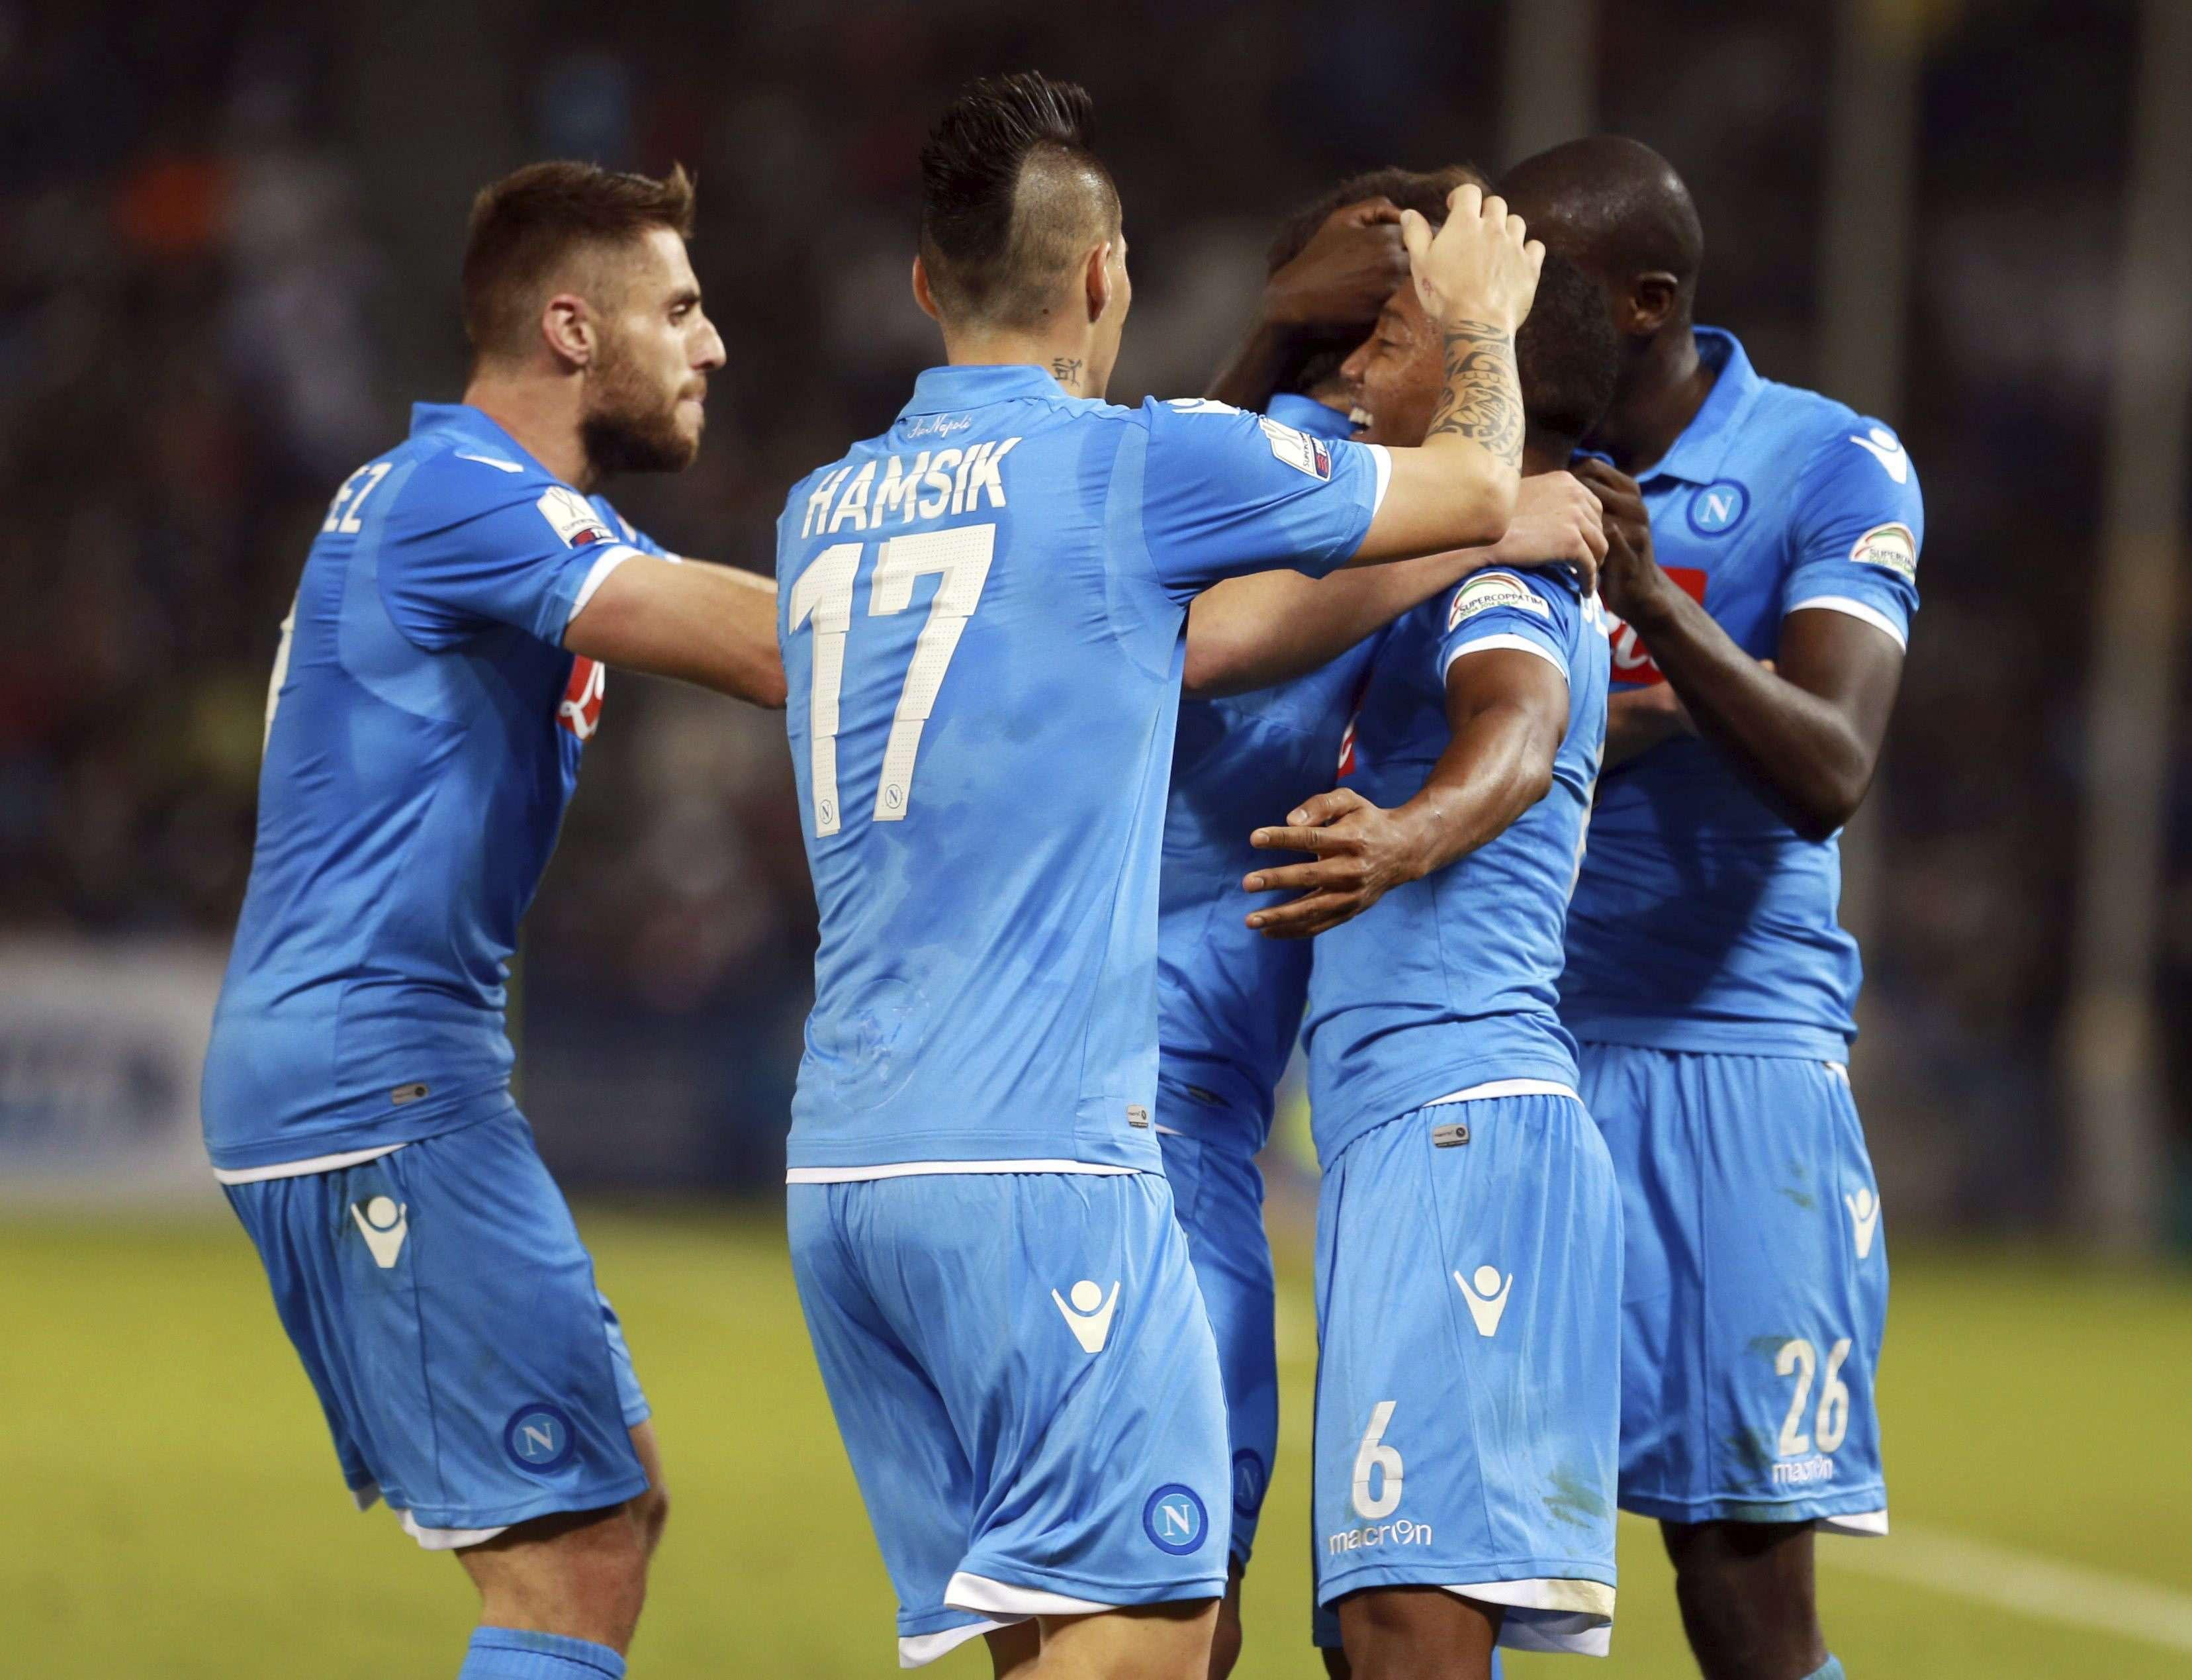 Jogadores do Napoli vibram com gol marcado Foto: EFE